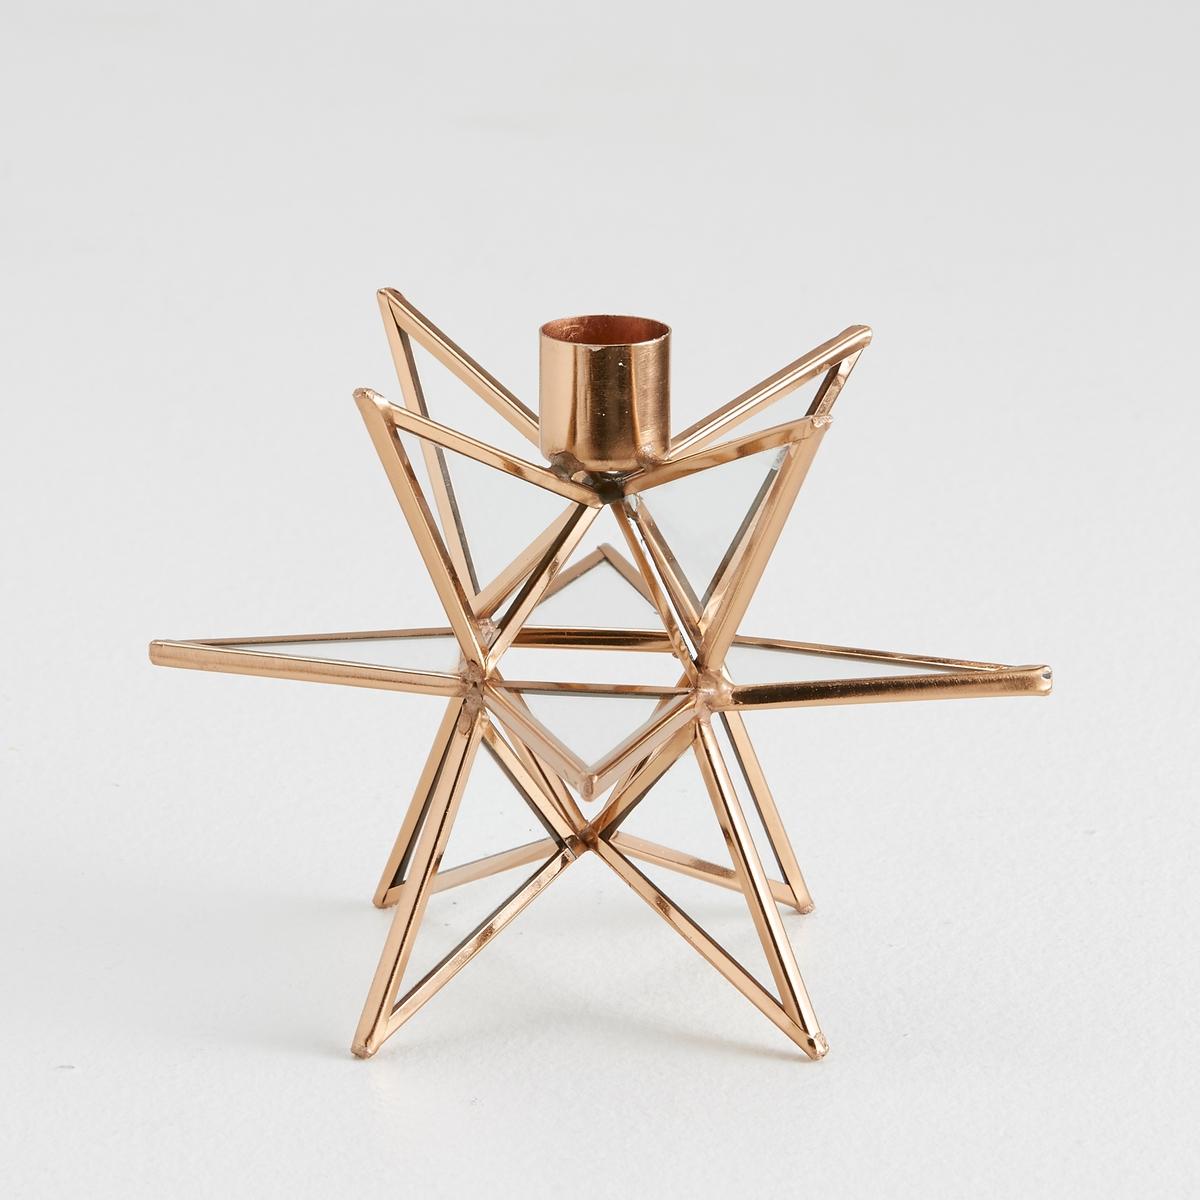 Подсвечник из стекла и металла, EstelloИз металла и стекла.Подставка для свечи, диаметр. 2 см (свеча не прилагается).Размеры: 15,5 x 15,5 x 11,5 см.<br><br>Цвет: медный,черный